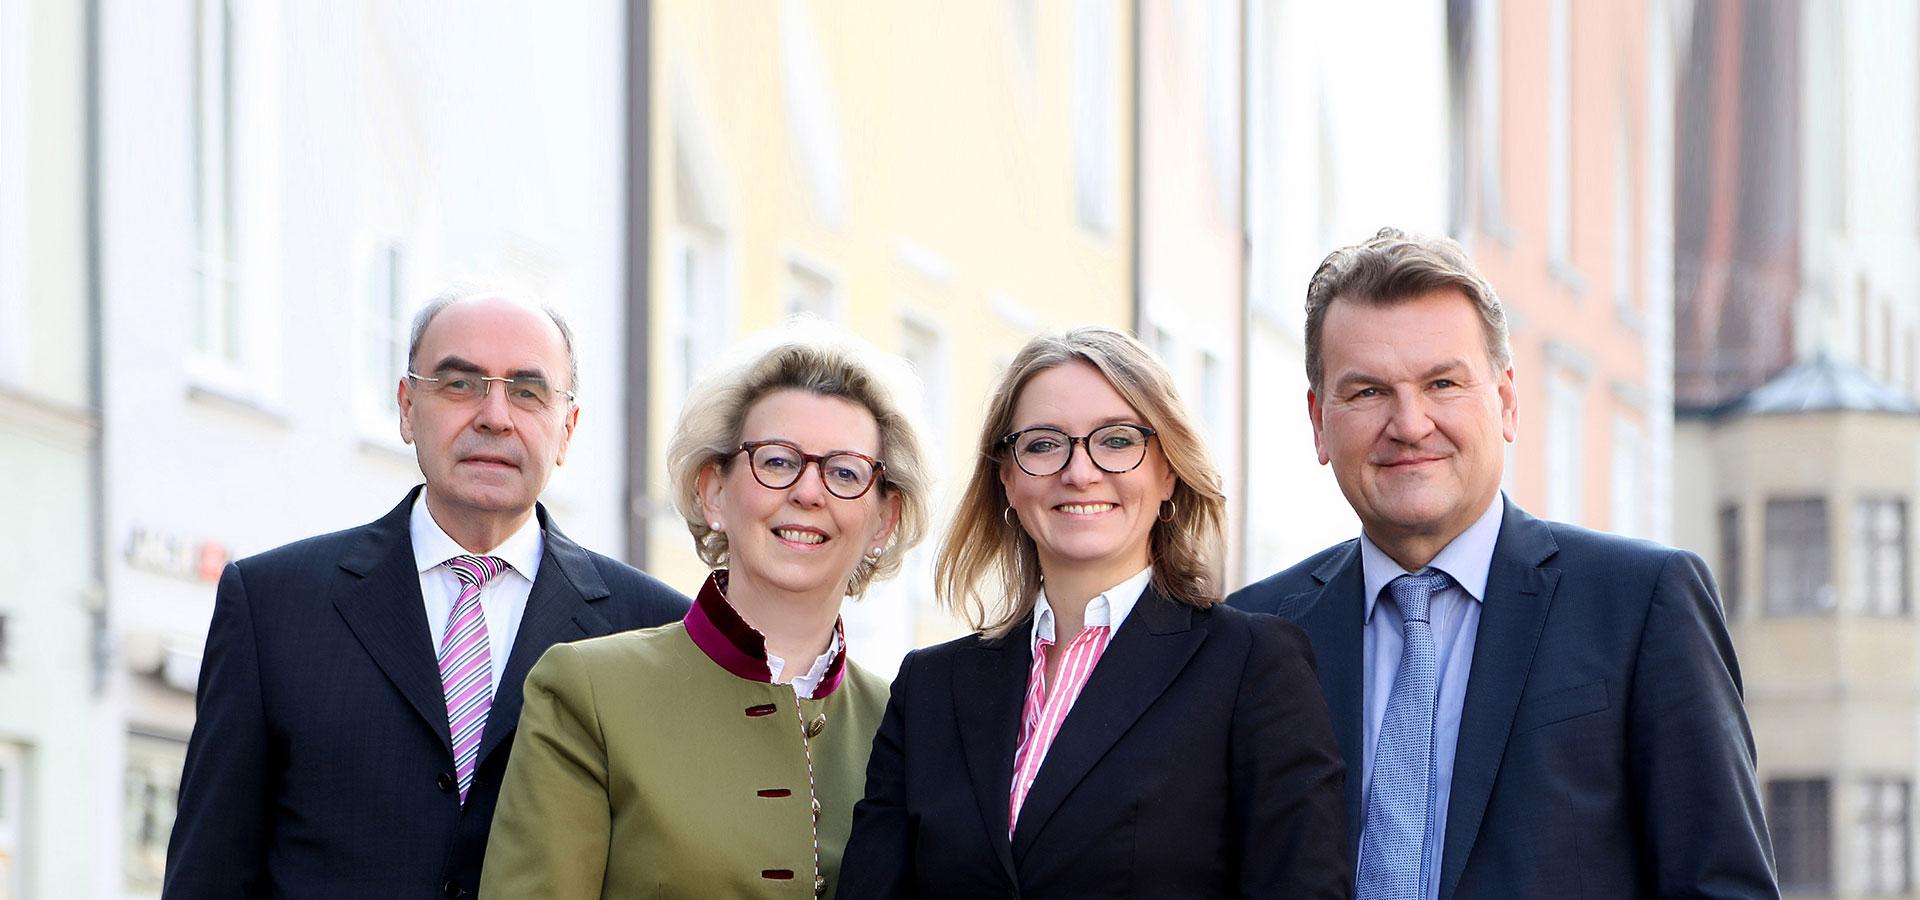 Rechtsanwalt in Landshut